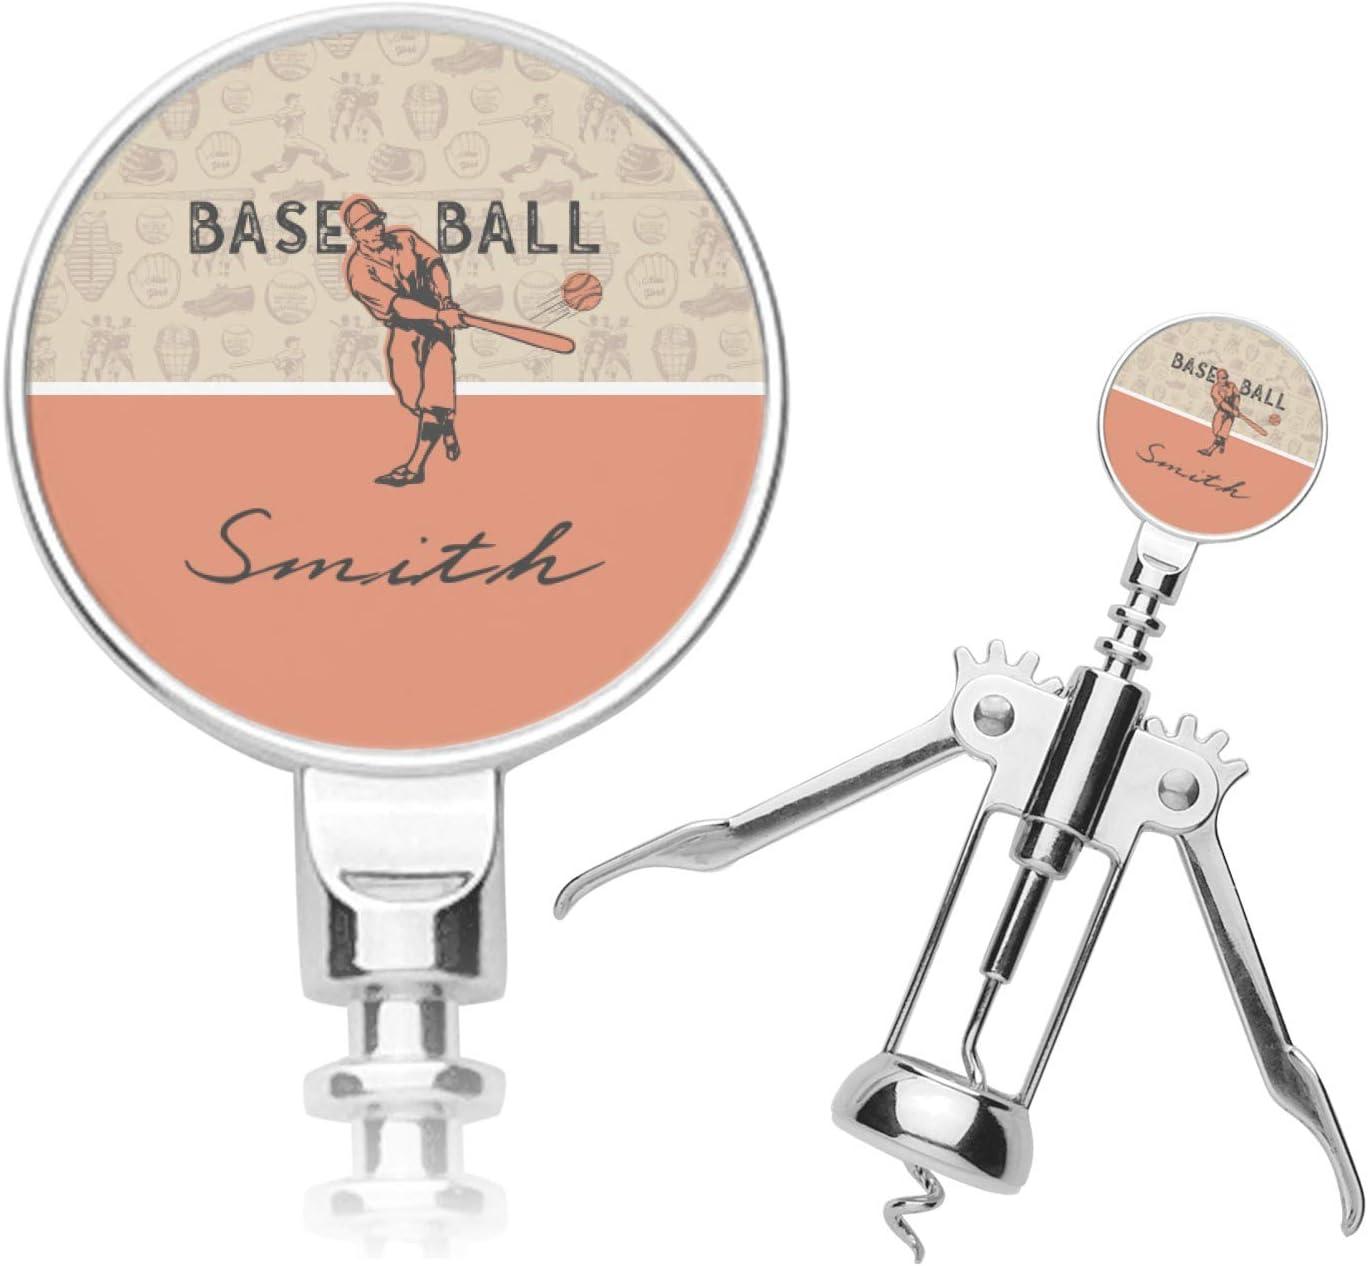 Retro Baseball Corkscrew Fashion Boston Mall Personalized